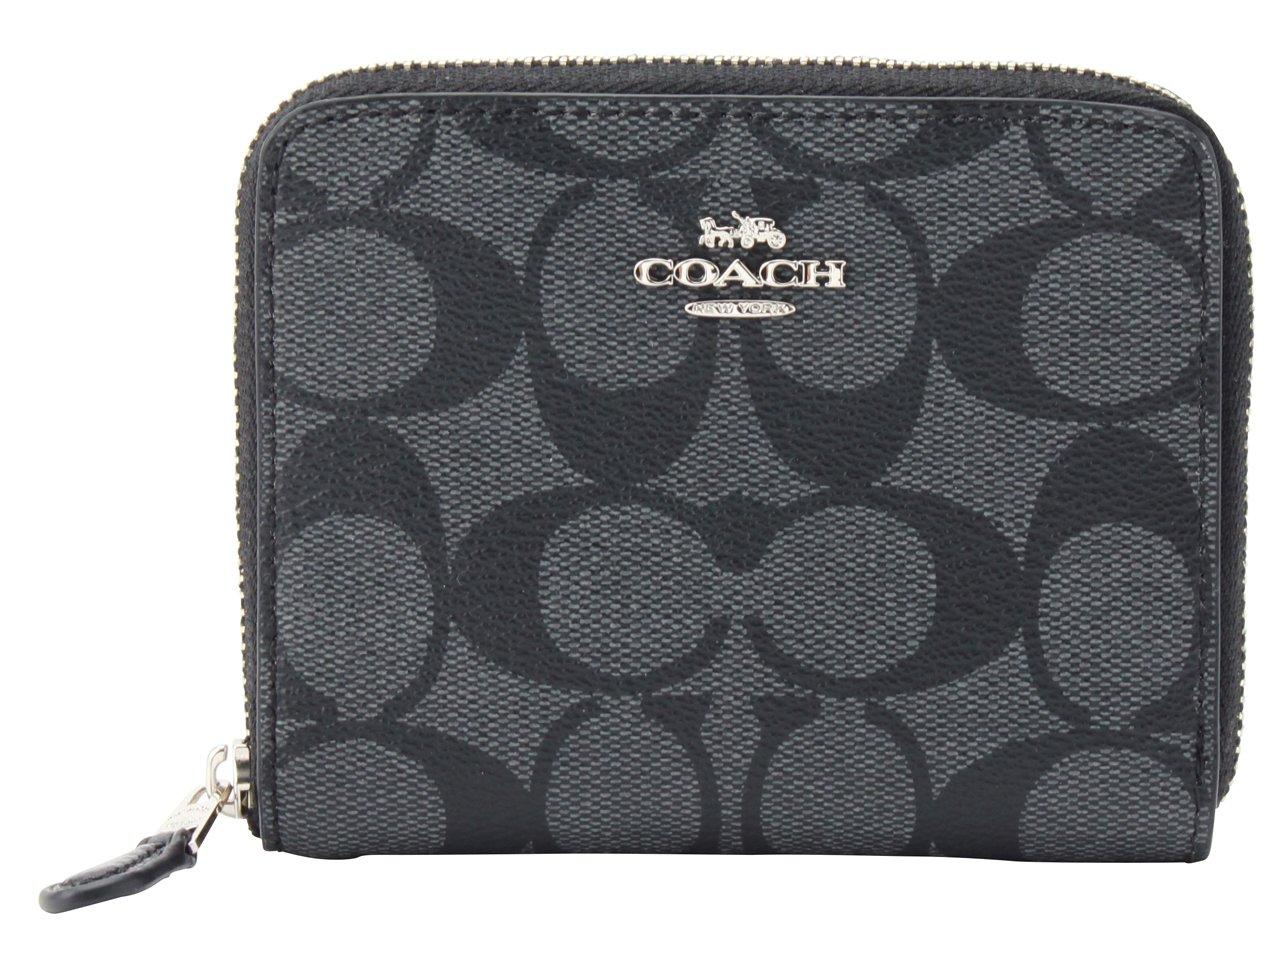 (コーチ) COACH 財布 二つ折り ラウンドファスナー コンパクト F30308 アウトレット [並行輸入品] B07D3R937F ブラックスモーク/ブラック ブラックスモーク/ブラック